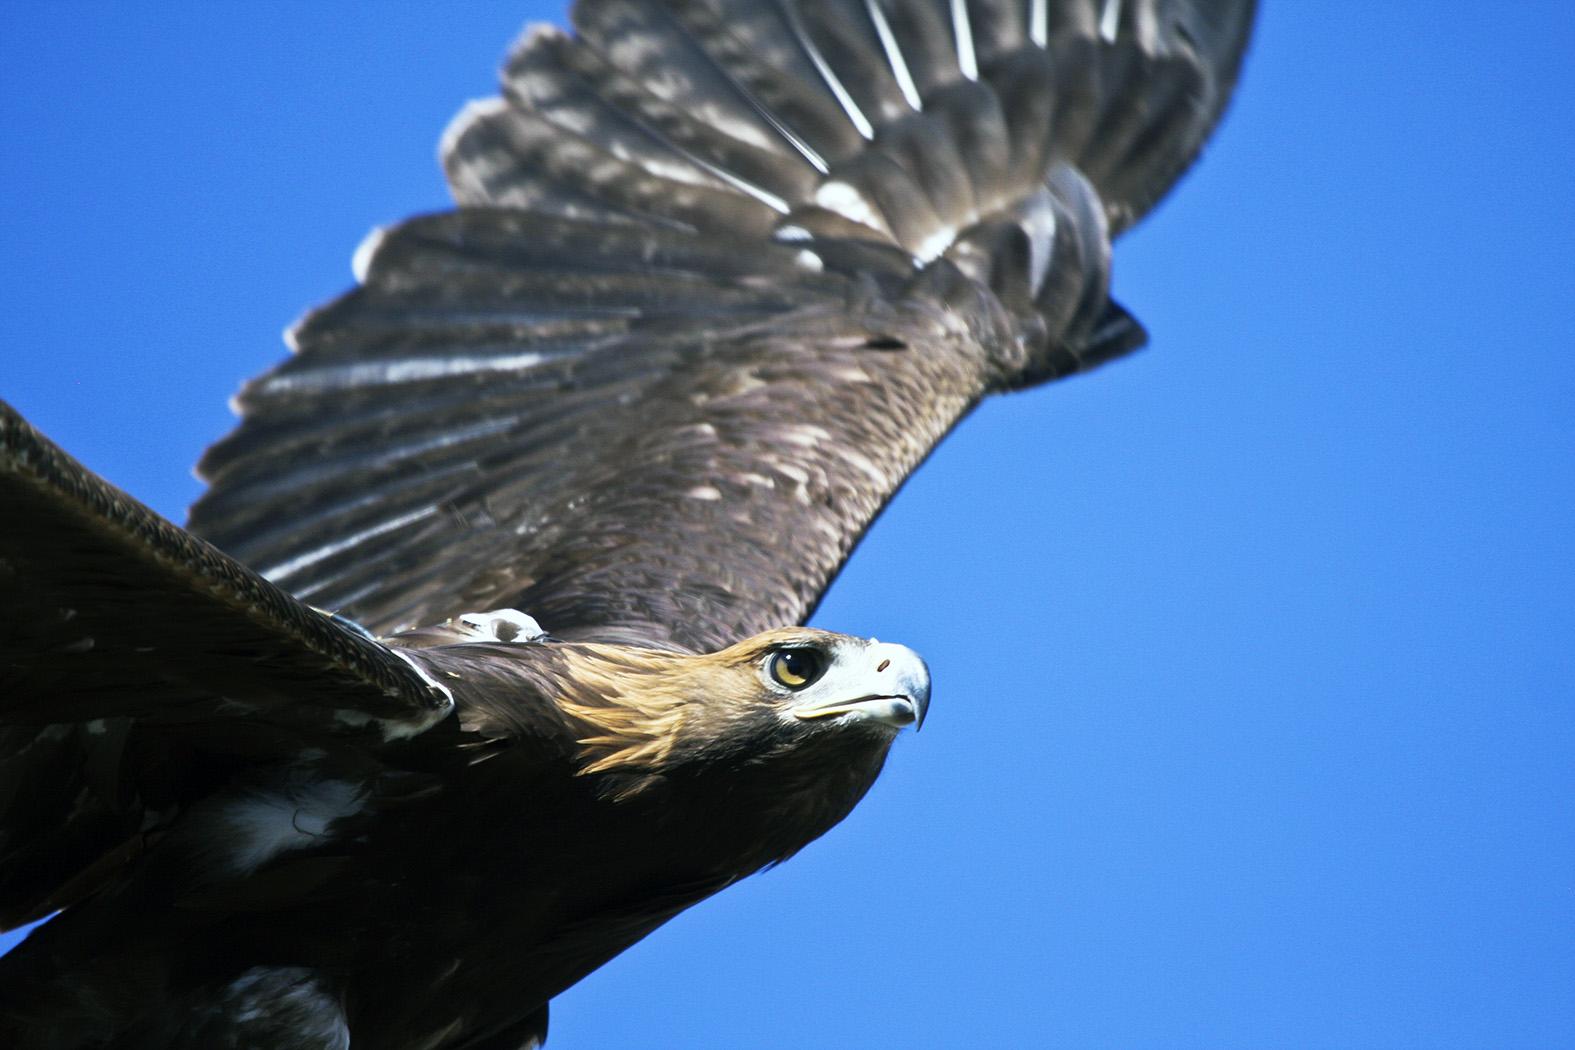 El águila real presenta territorios de anidación en al menos 31 ANP, por lo que la CONANP trabaja constantemente para su protección y conservación